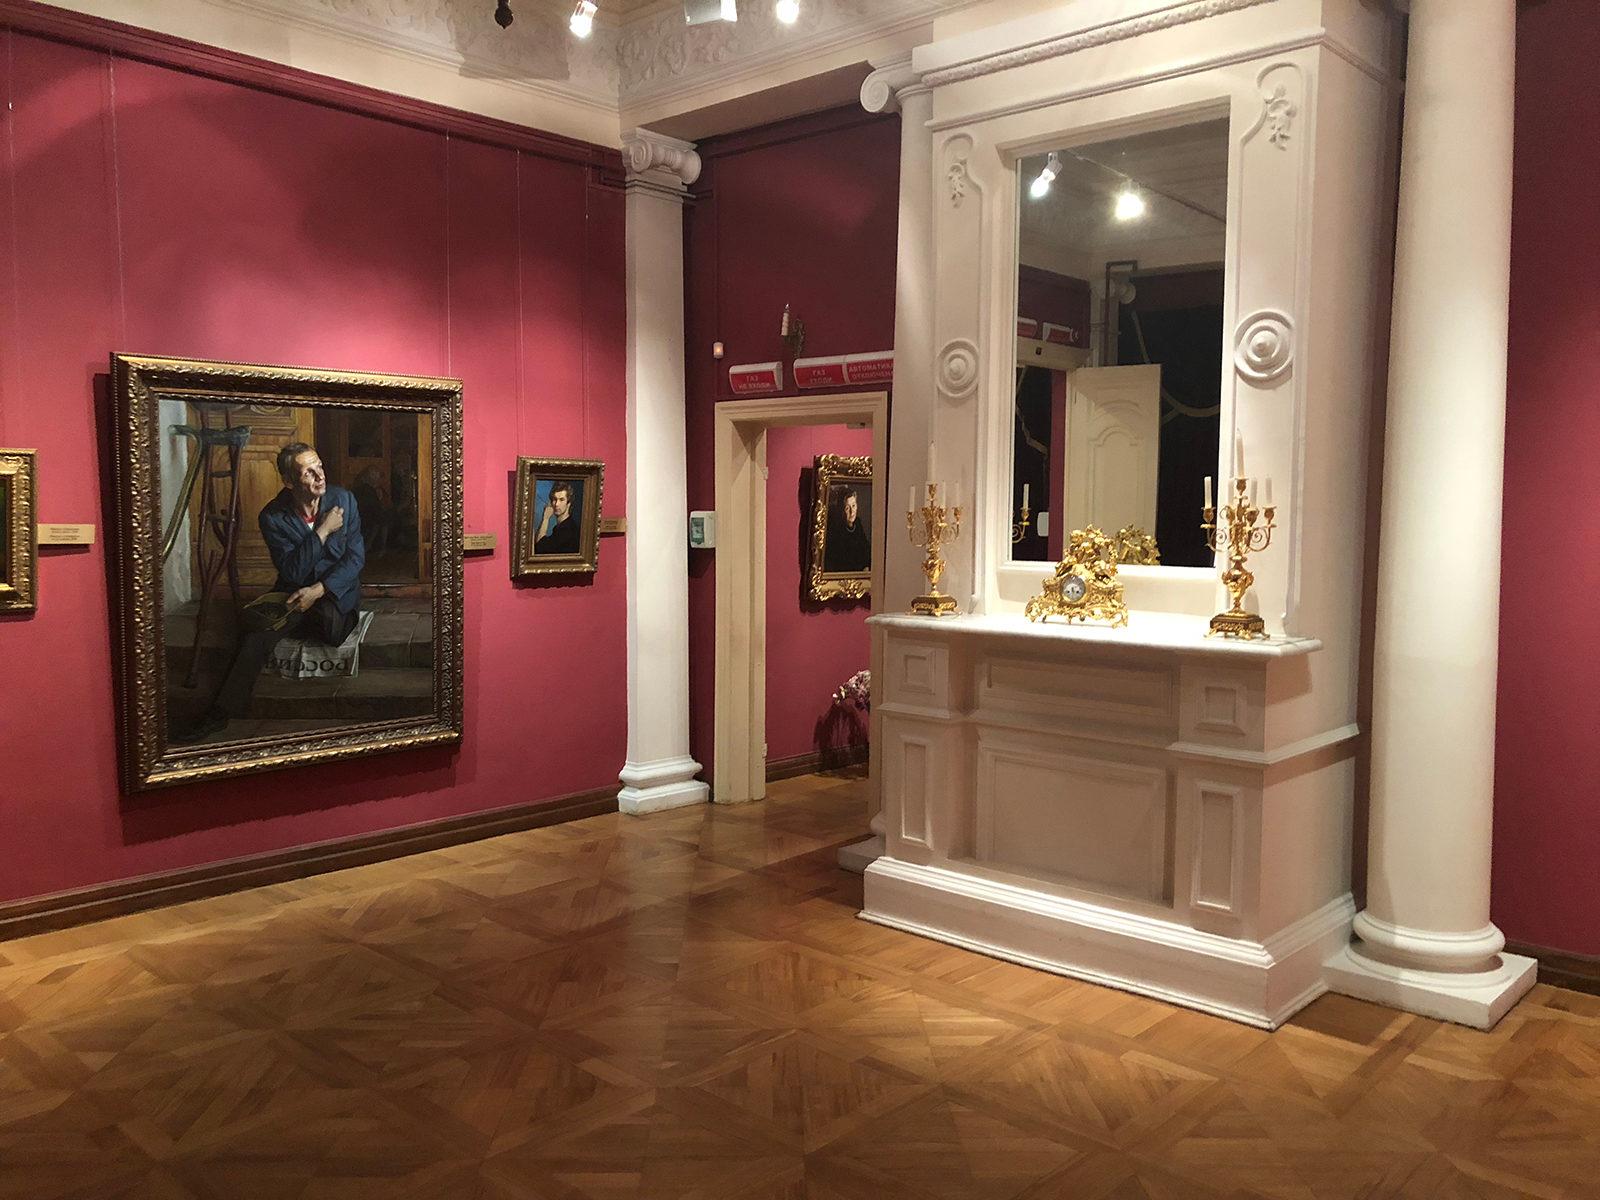 Выставка «Что жизнь?..» в галерее Шилова – события на сайте «Московские Сезоны»